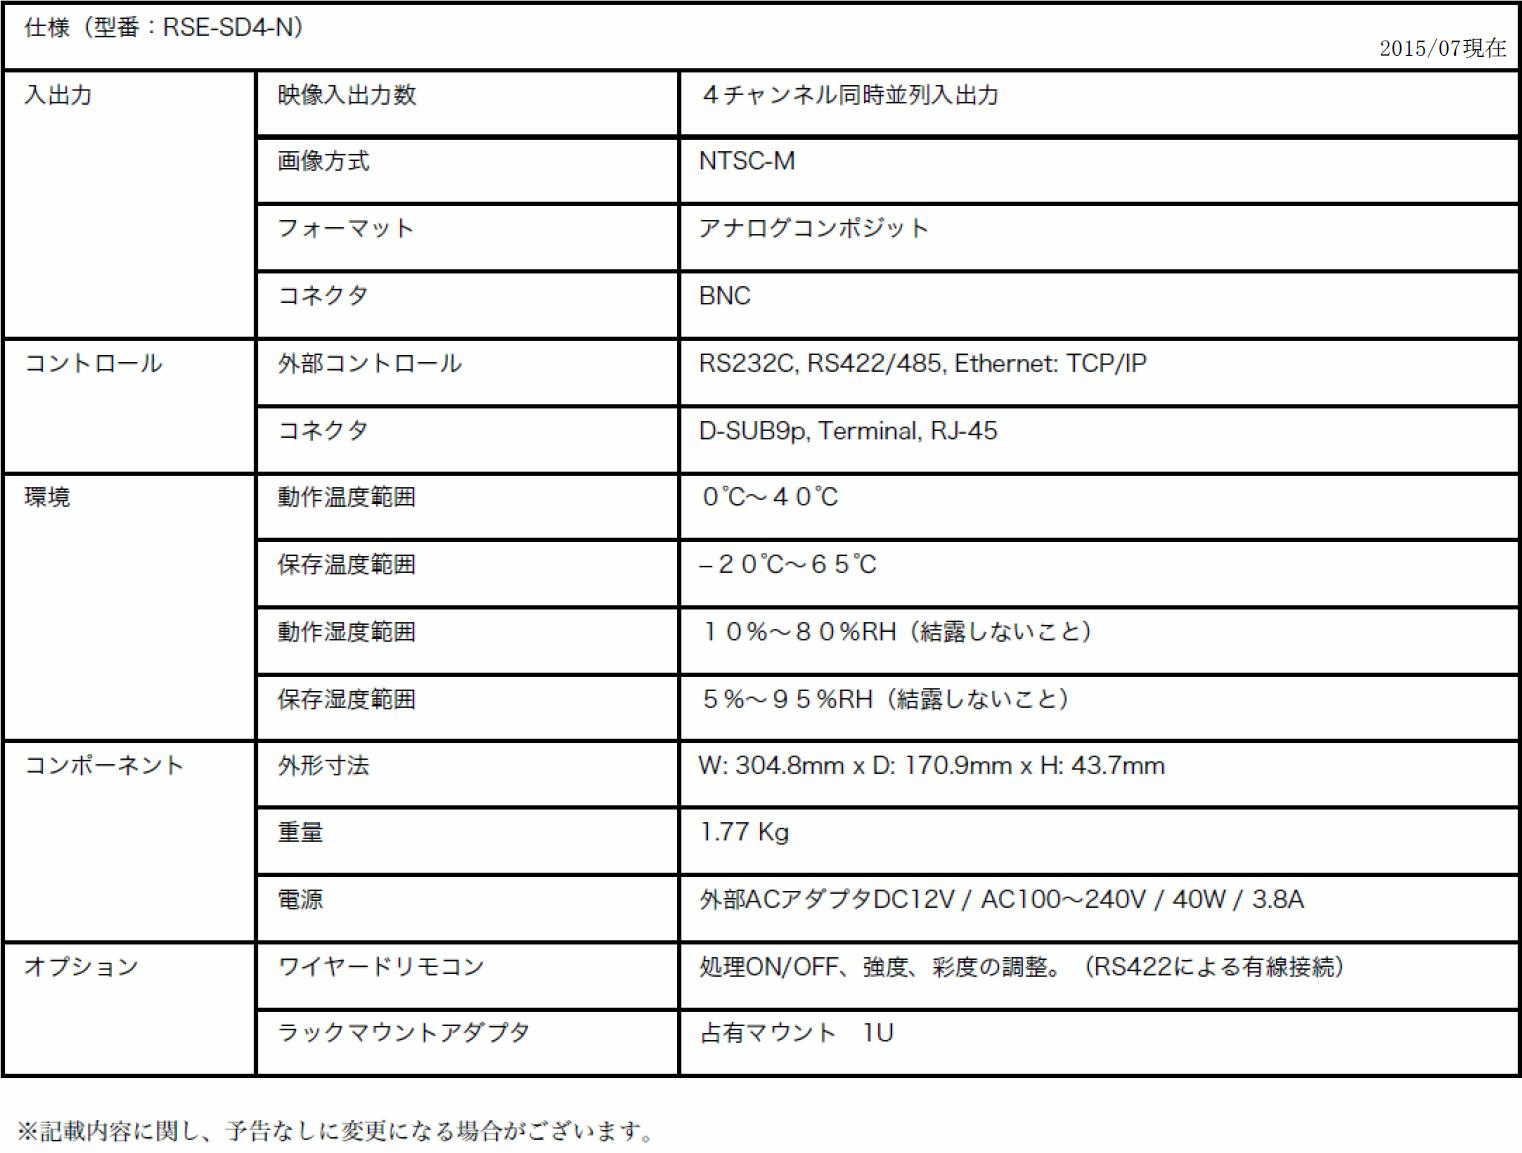 RSE-HDSD-N_3